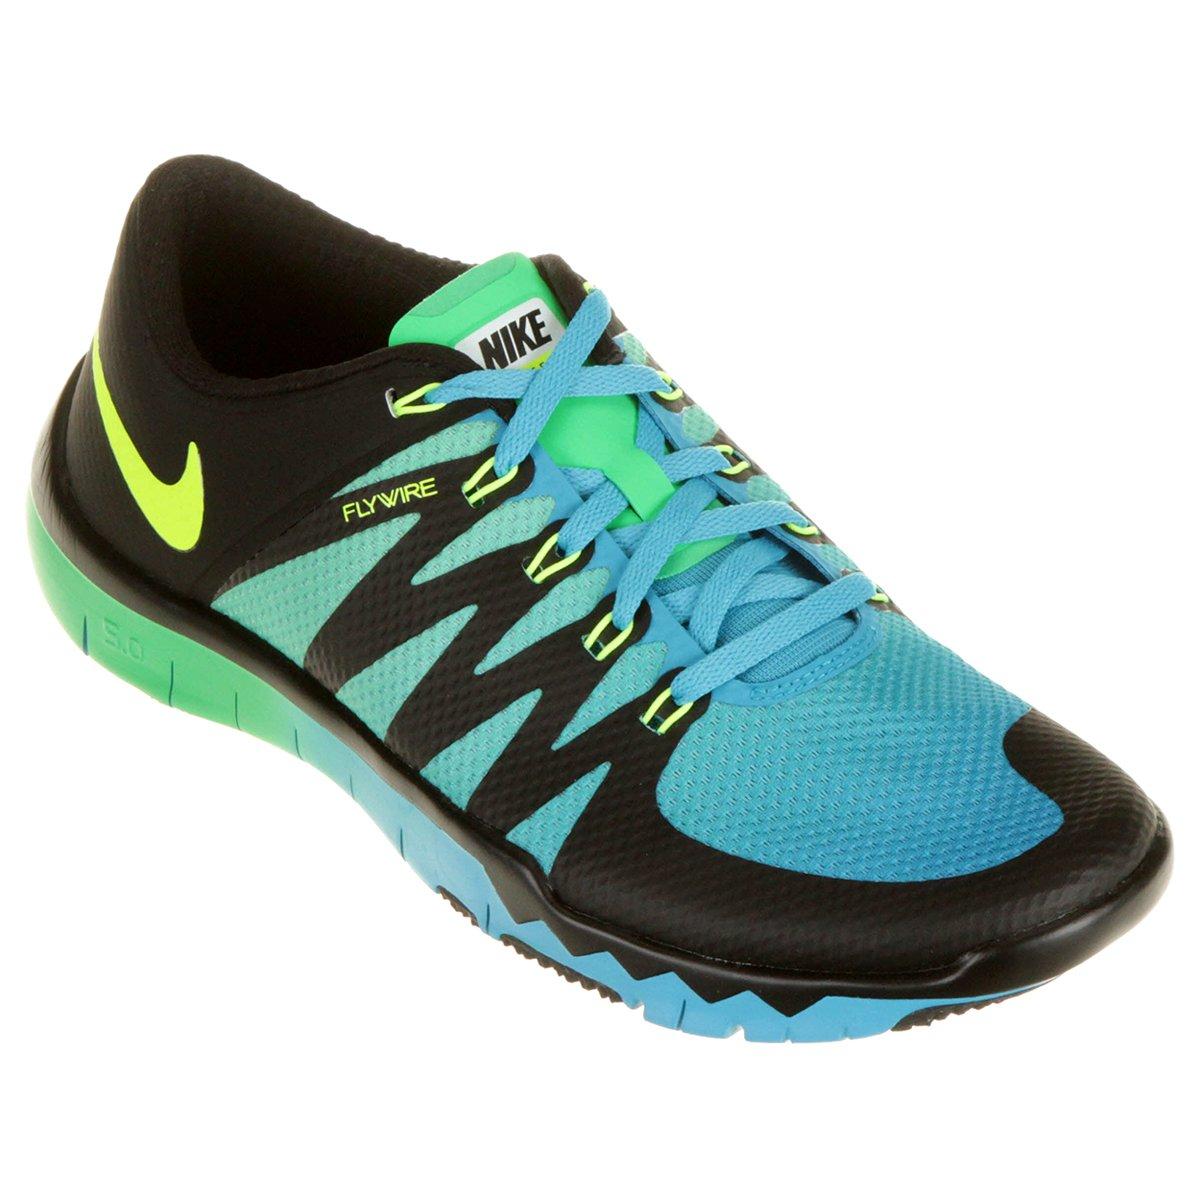 b2584371fdc Tênis Nike Free Trainer 5.0 V6 AMP - Compre Agora